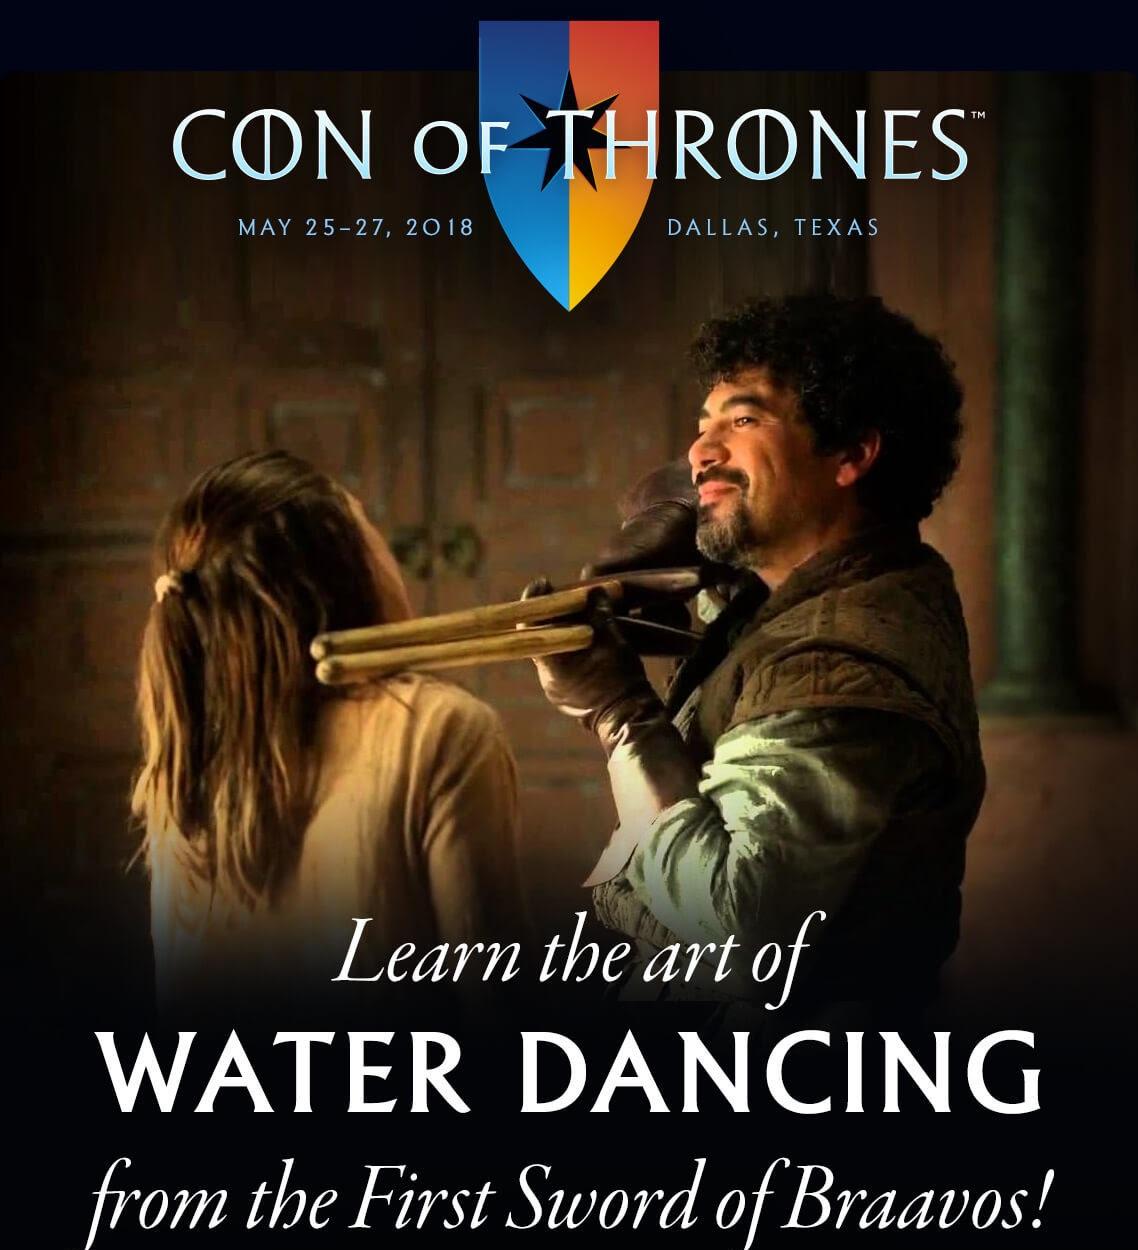 Waterdancing